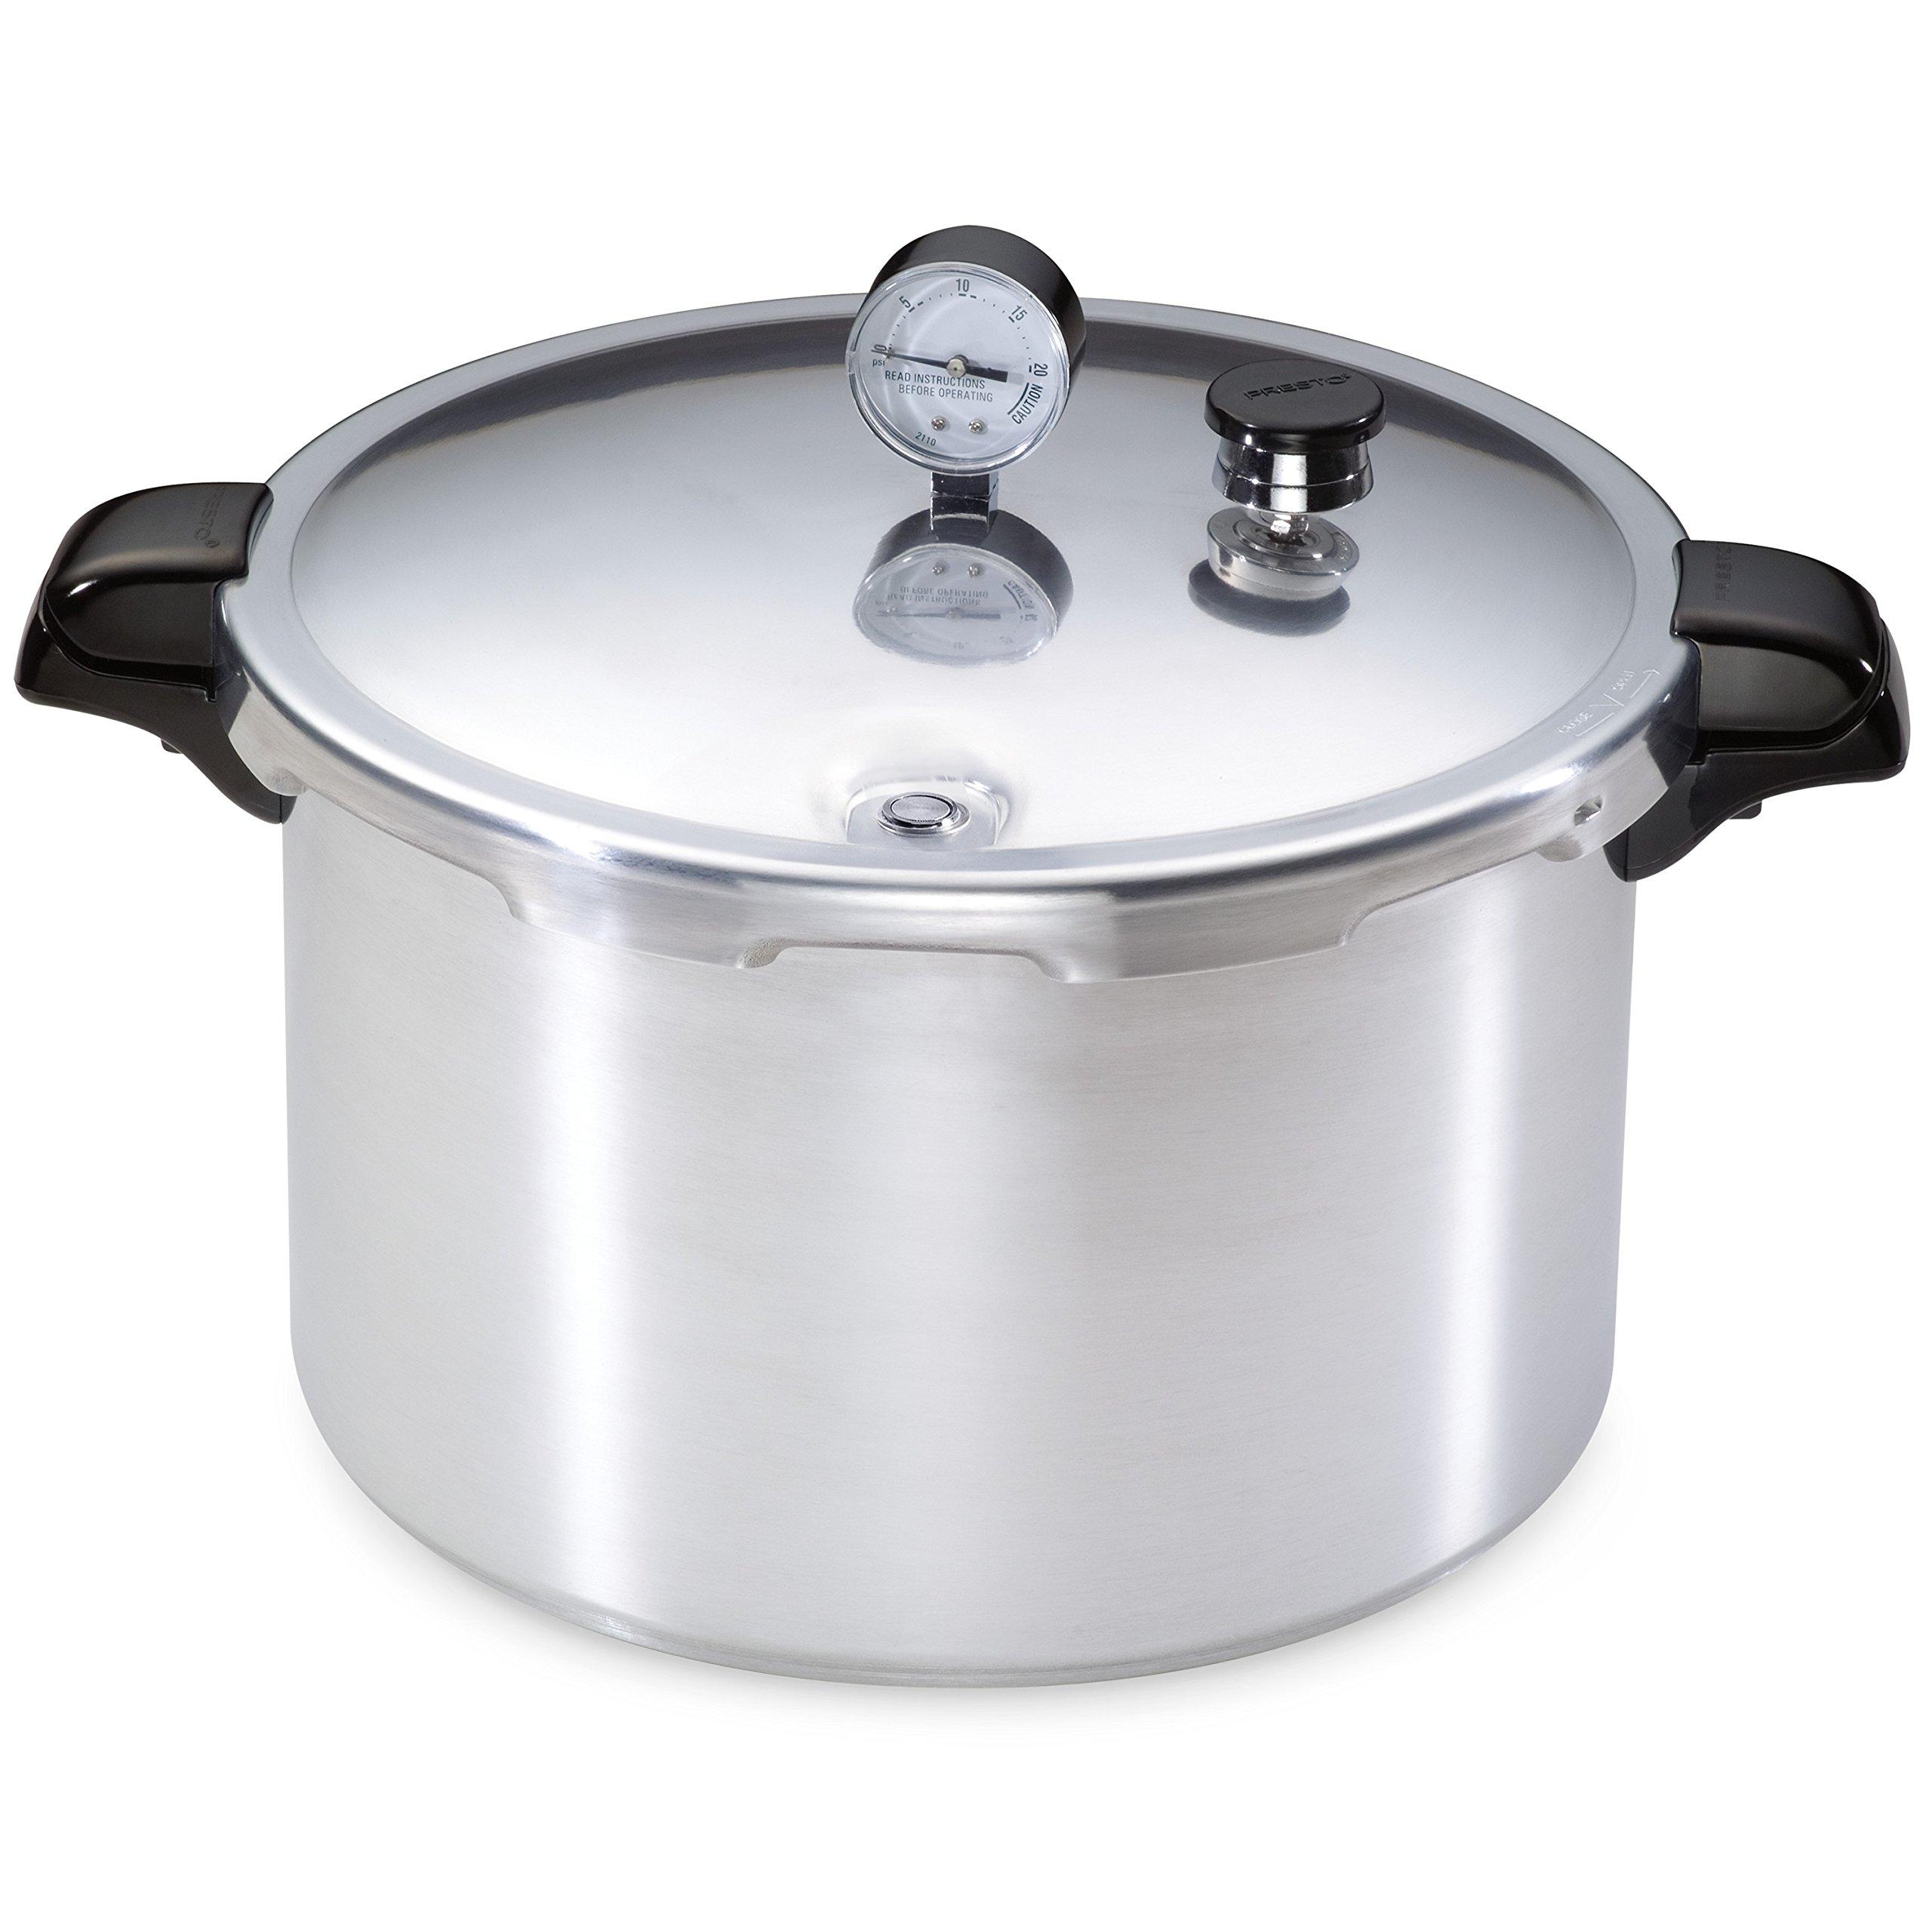 Presto 01755 16-Quart Aluminum canner Pressure Cooker, One Size, Silver by Presto